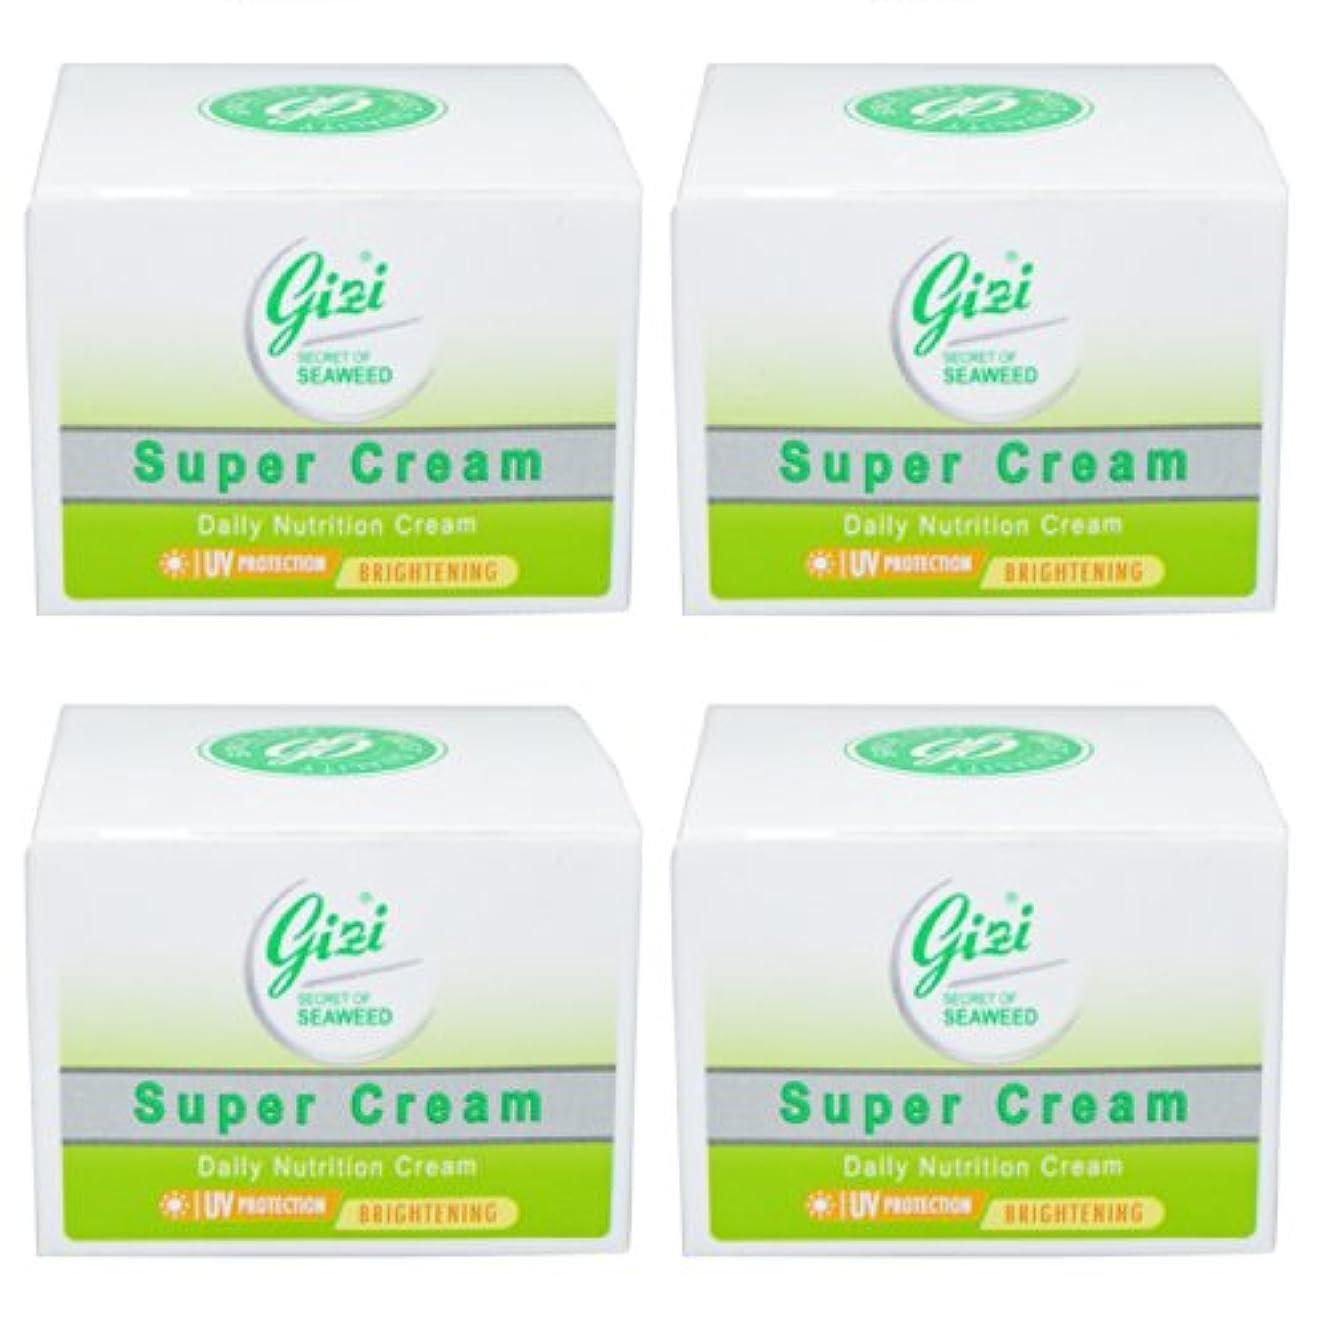 モバイルコンクリートストラップGIZI Super Cream(ギジ スーパークリーム)フェイスクリーム9g 4個セット[並行輸入品][海外直送品]